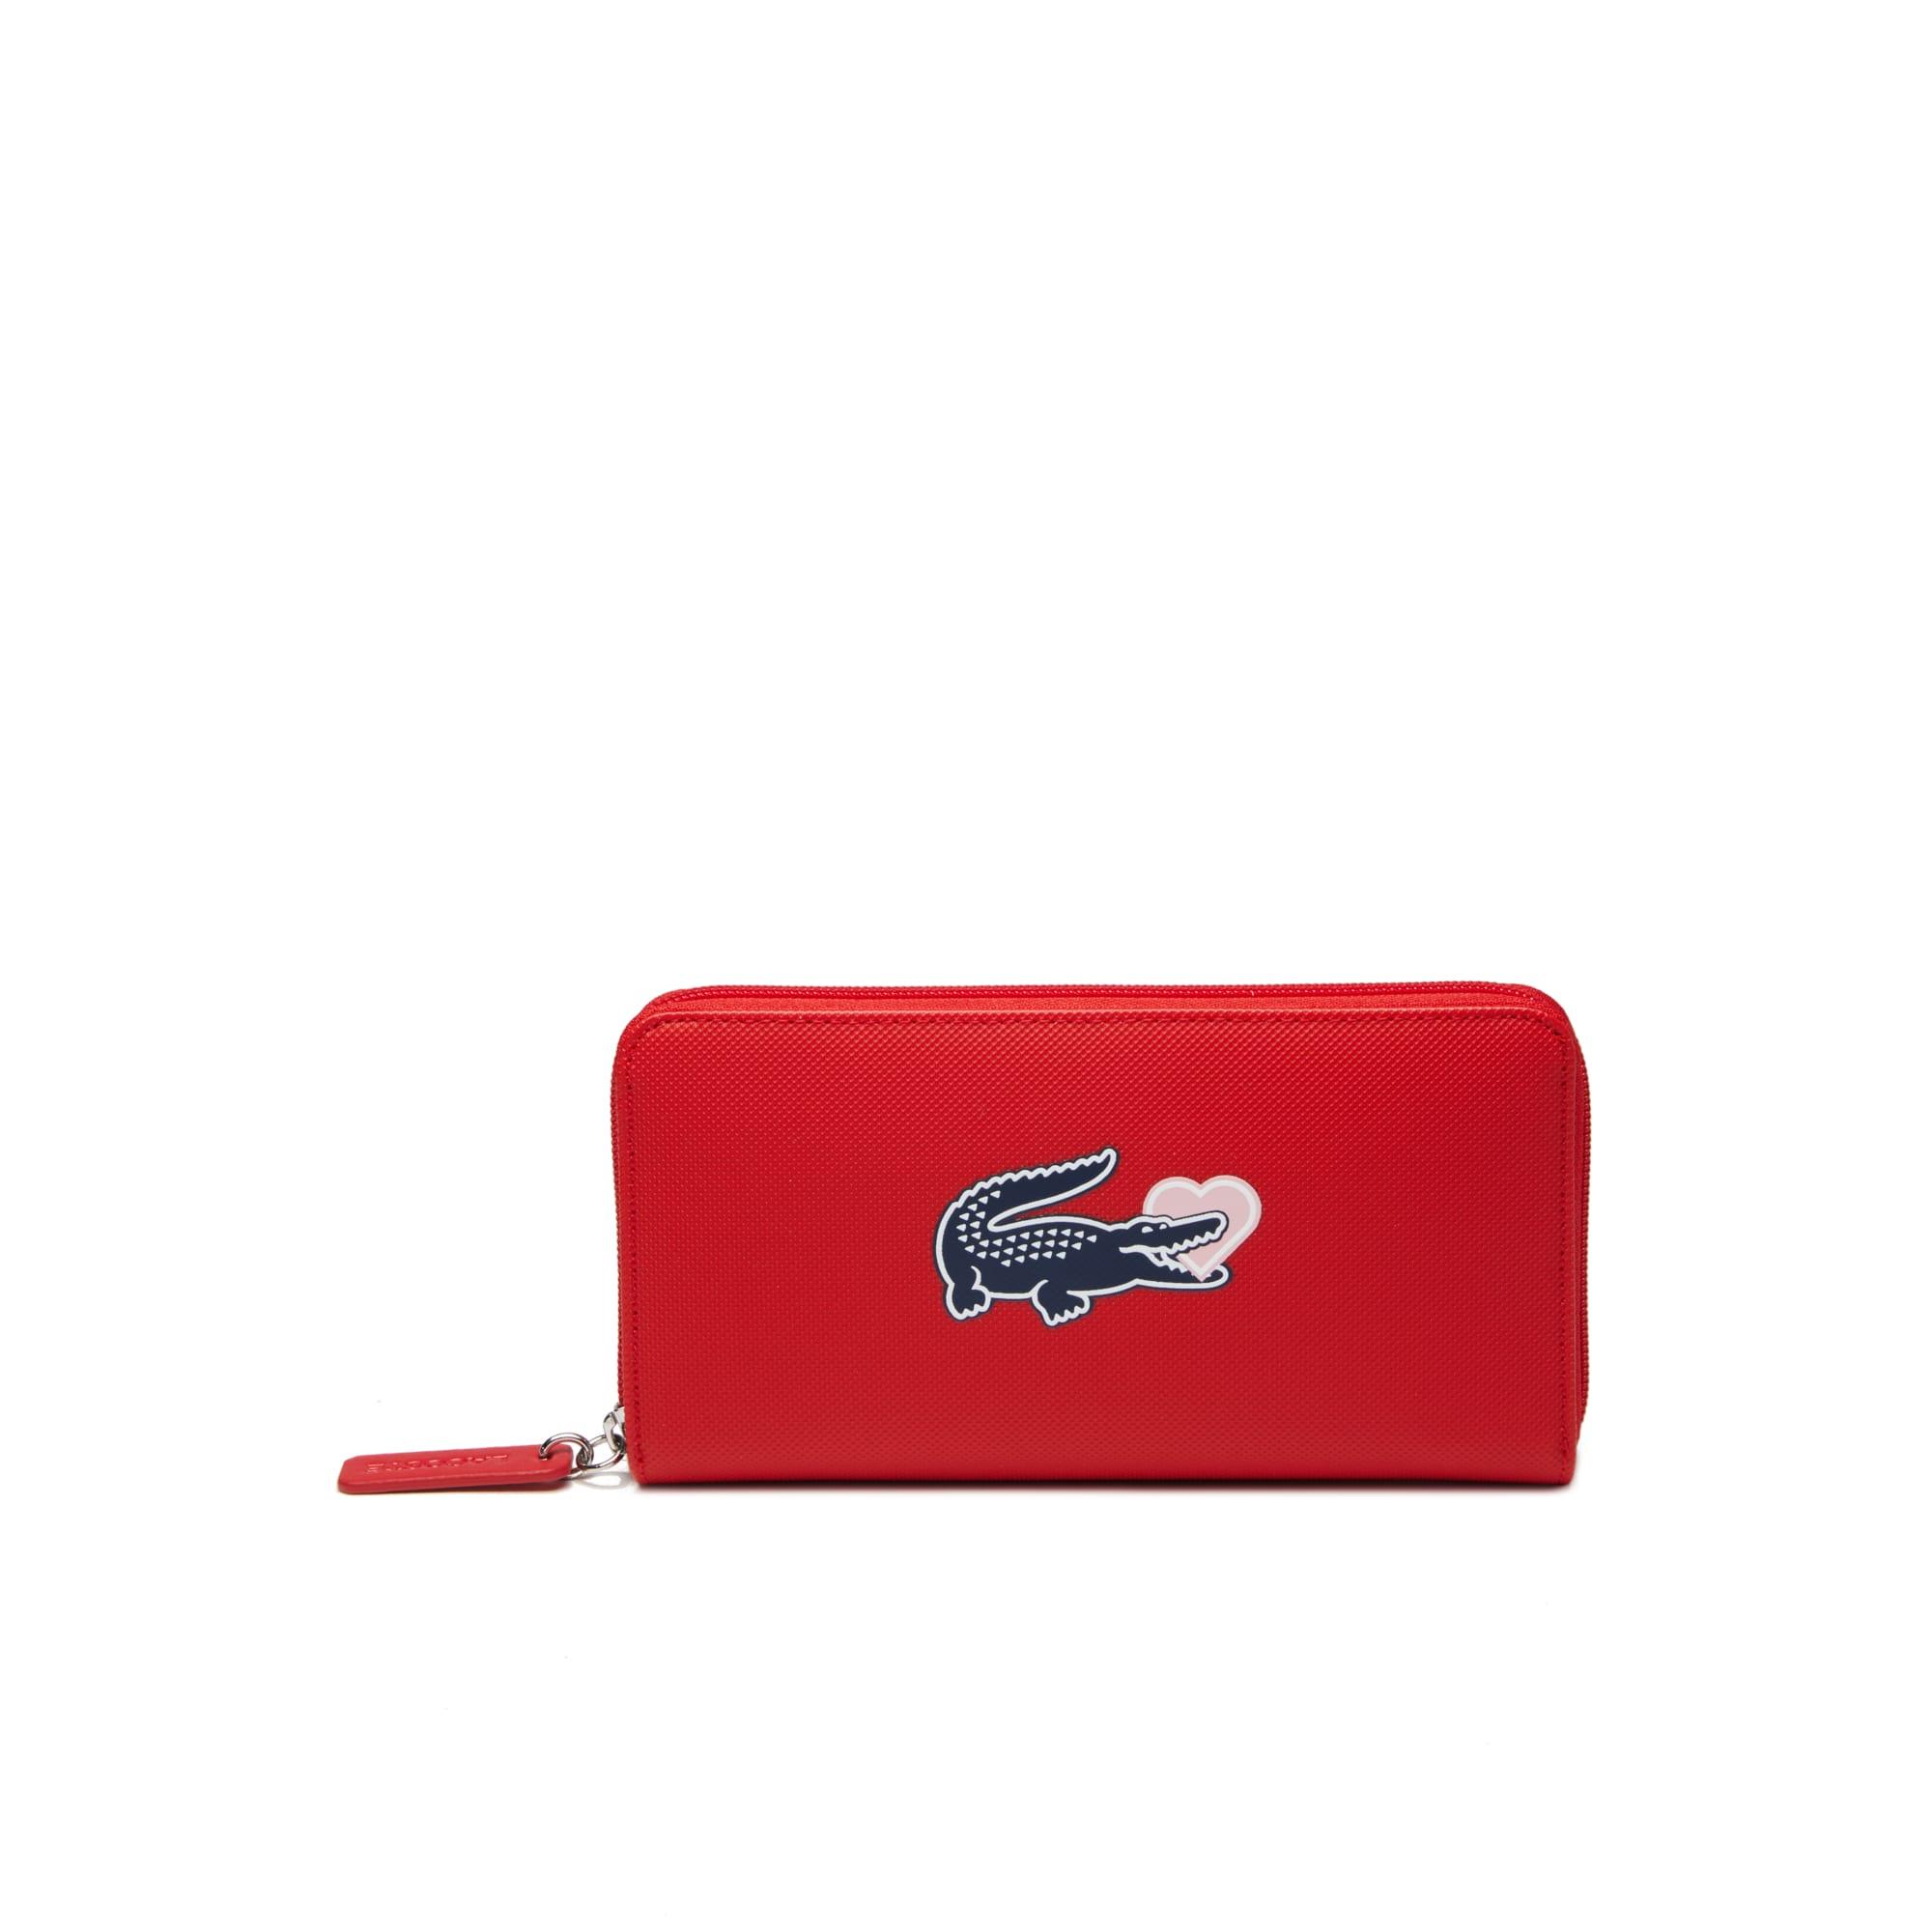 Women's L.12.12 Croc Heart Wallet